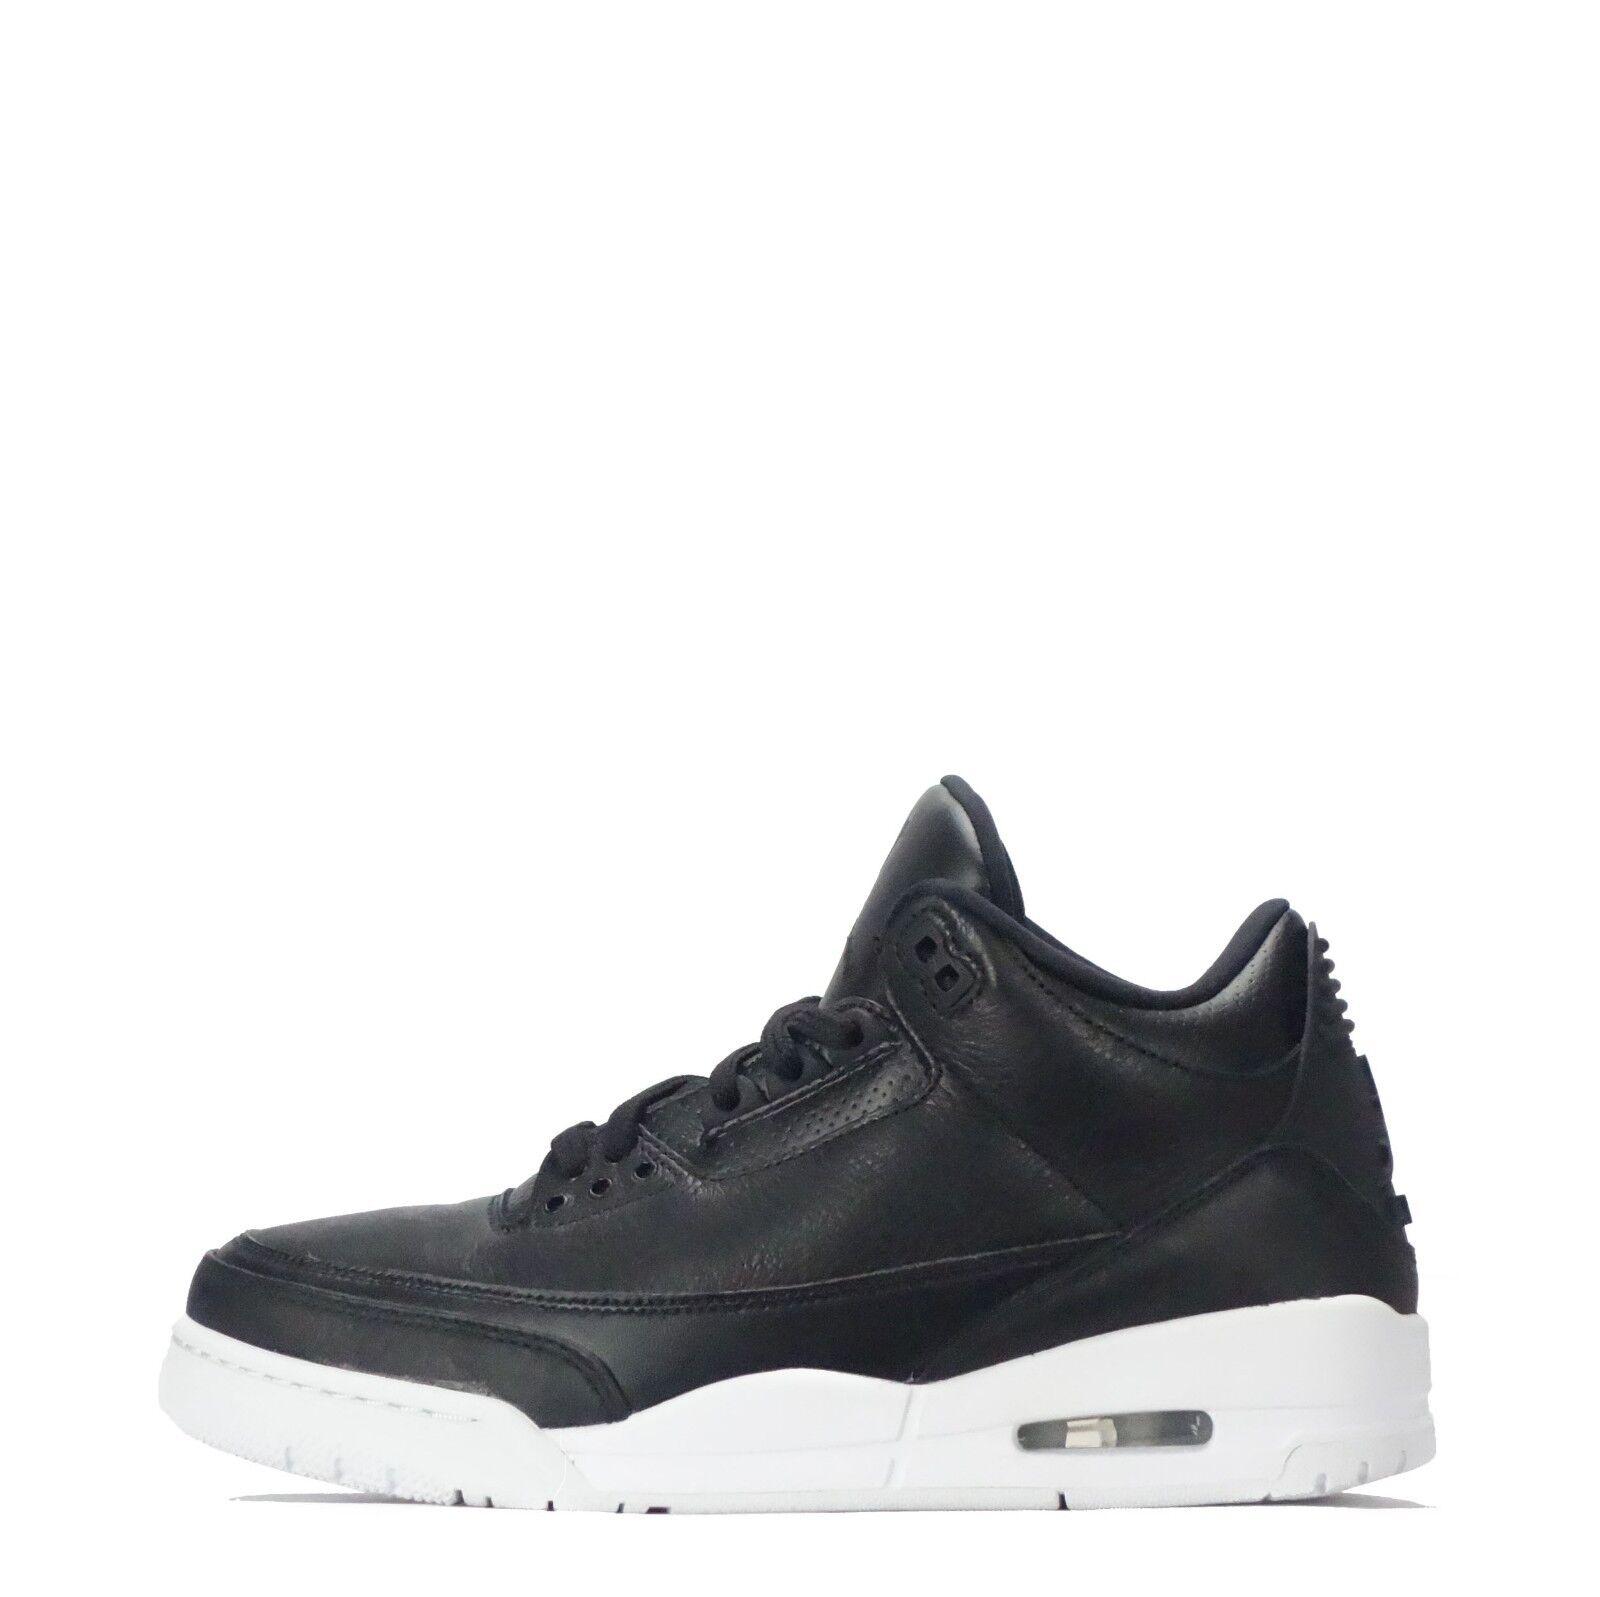 Nike Air Jordan 3 Retro Men's shoes Black White